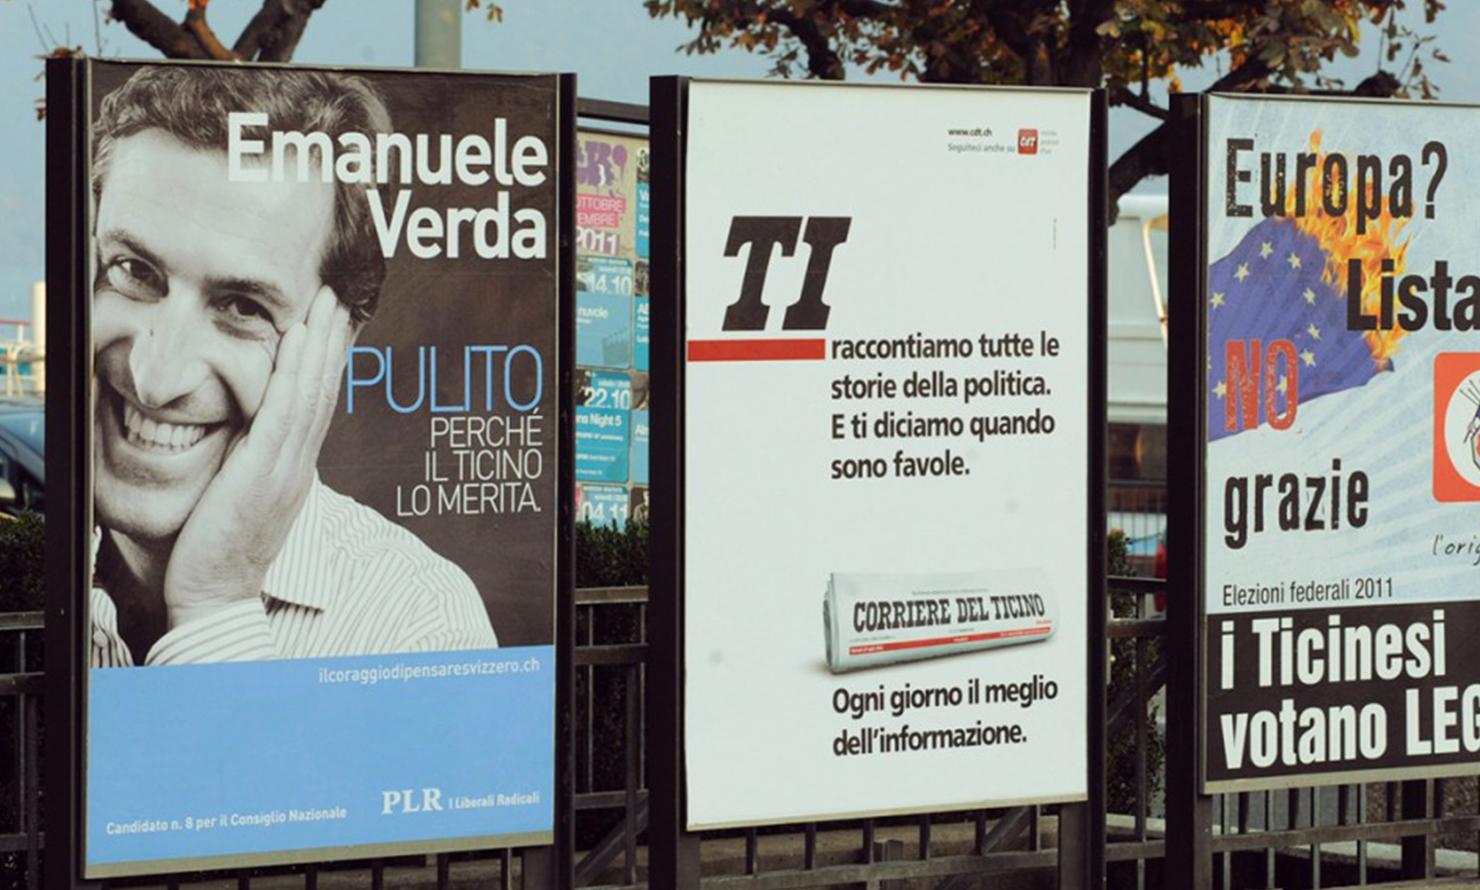 https://kubelibre.com/uploads/Slider-work-tutti-clienti/corriere-del-ticino-portiamo-dentro-la-notizia-5.jpg